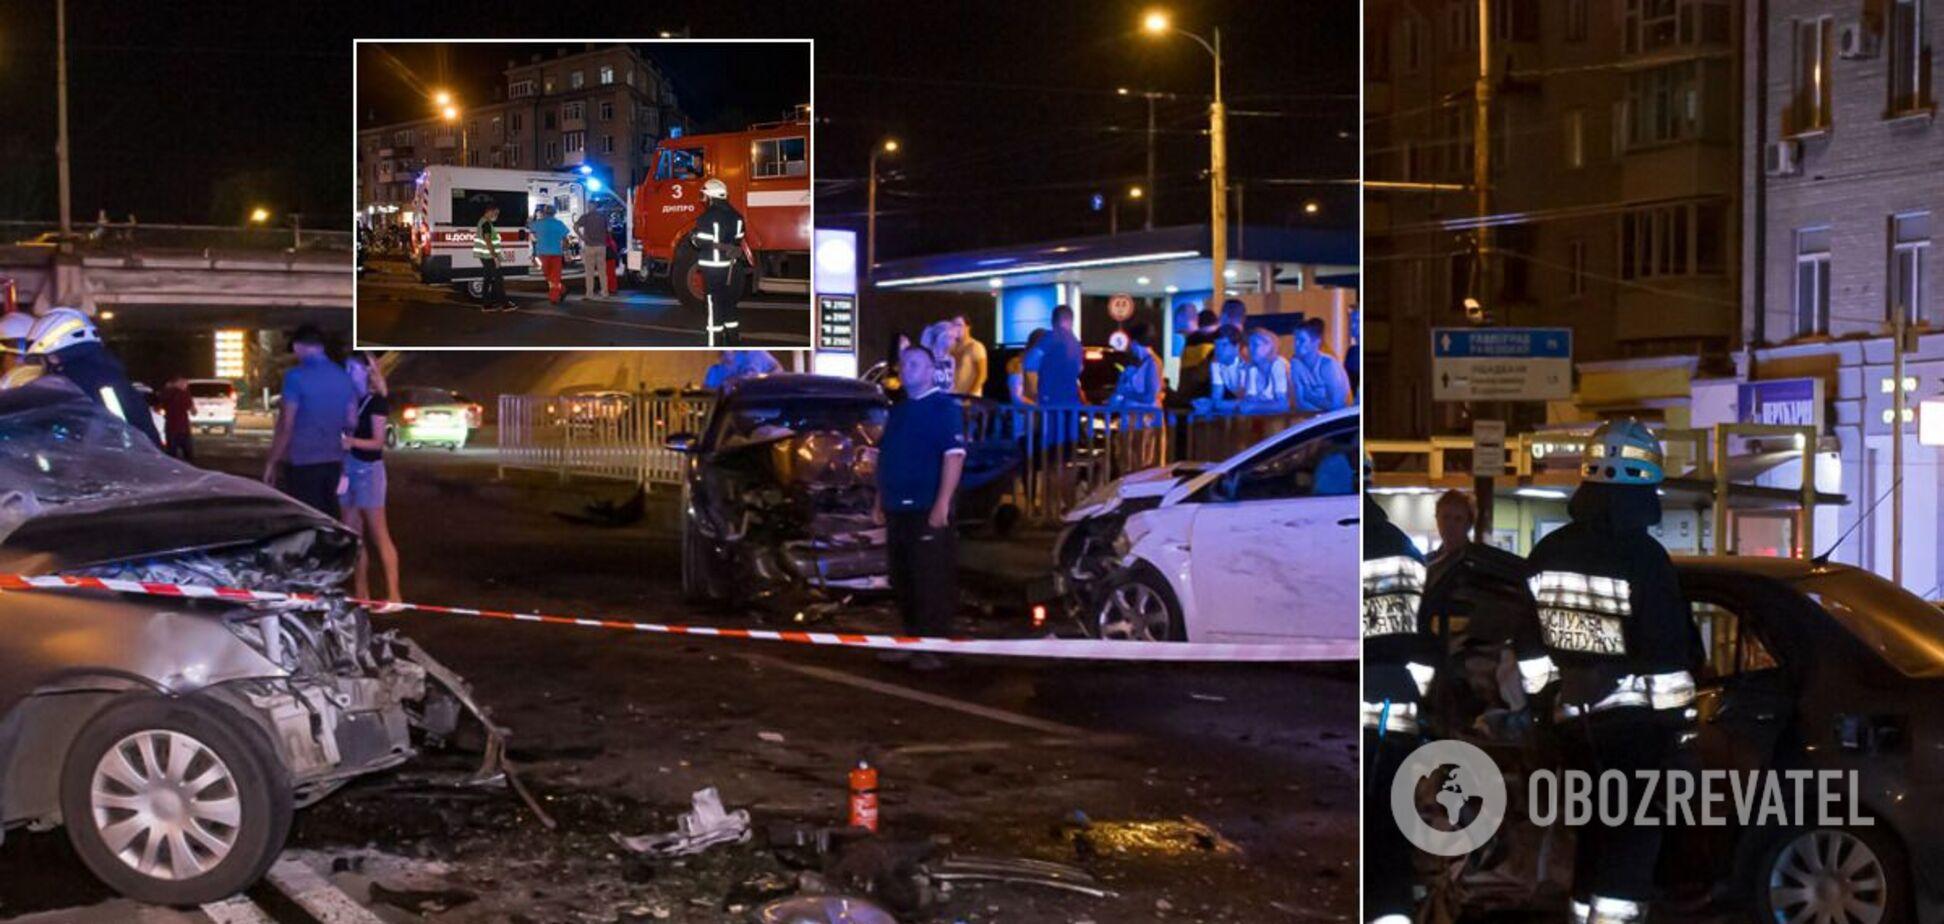 В Днепре произошло масштабное ДТП: погибшего водителя вырезали из авто. Фото и видео